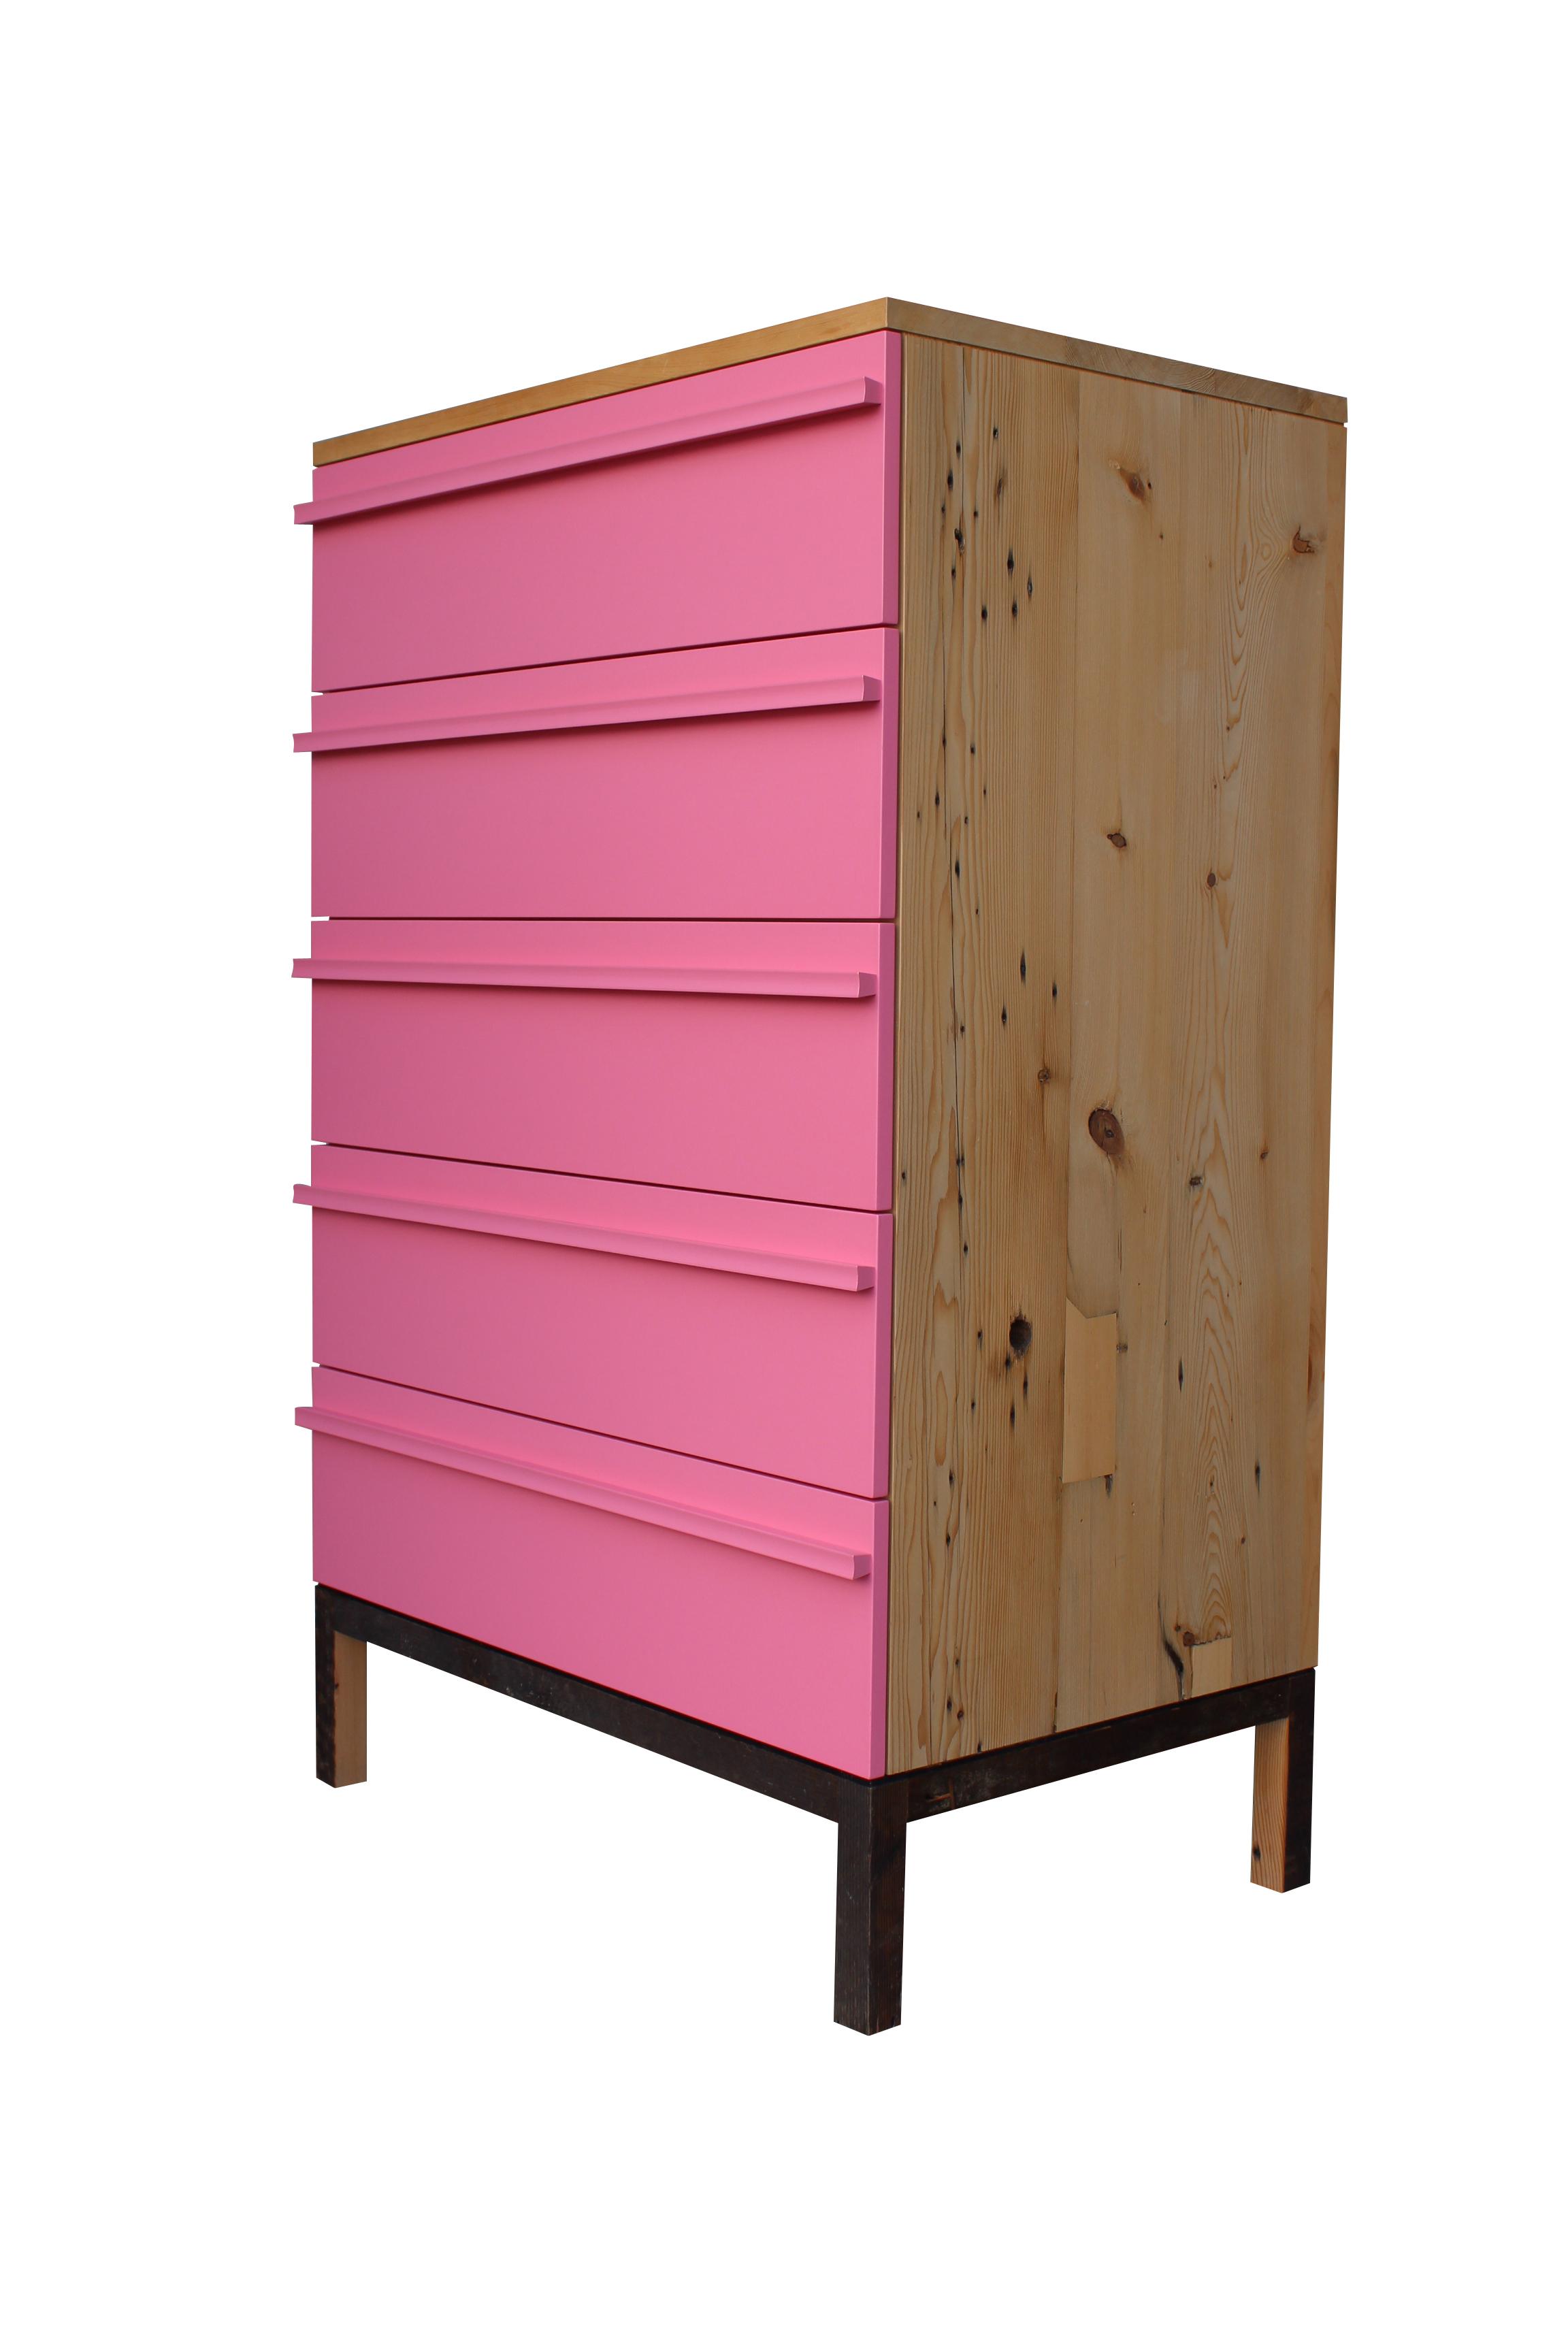 pink dresser, console photos 2014 015.JPG